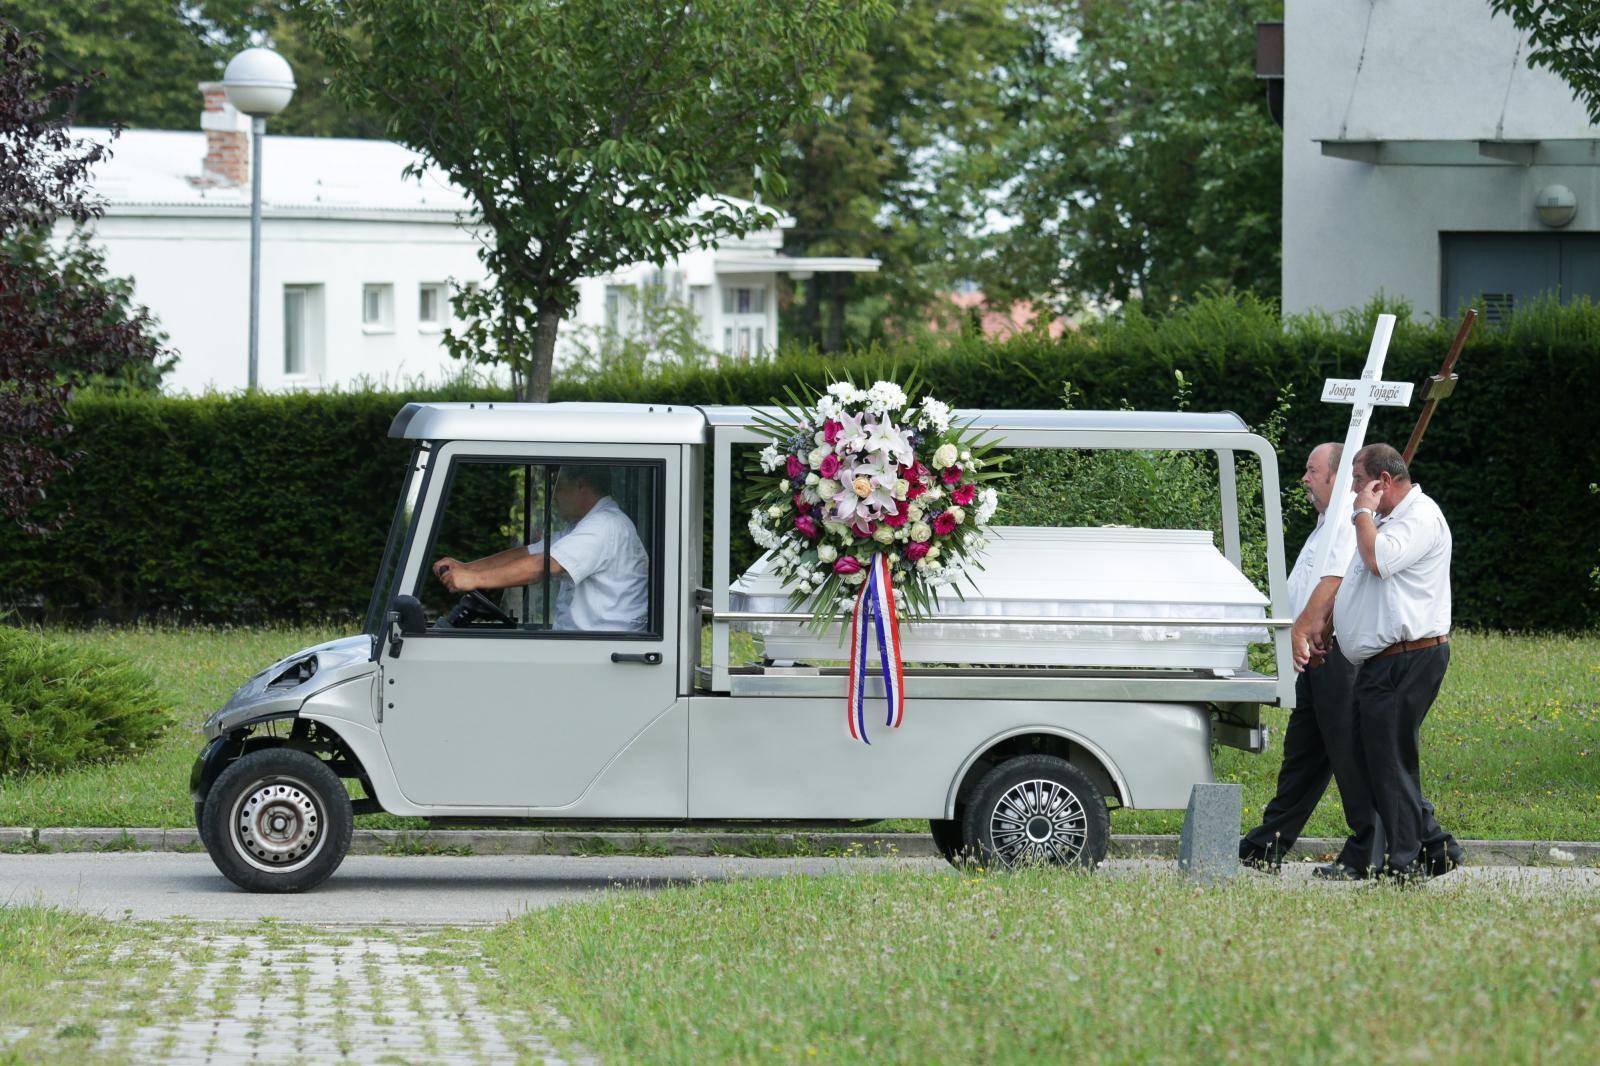 Zagreb: Sprovod obitelji Tojagić koju je ubio Igor Nađ